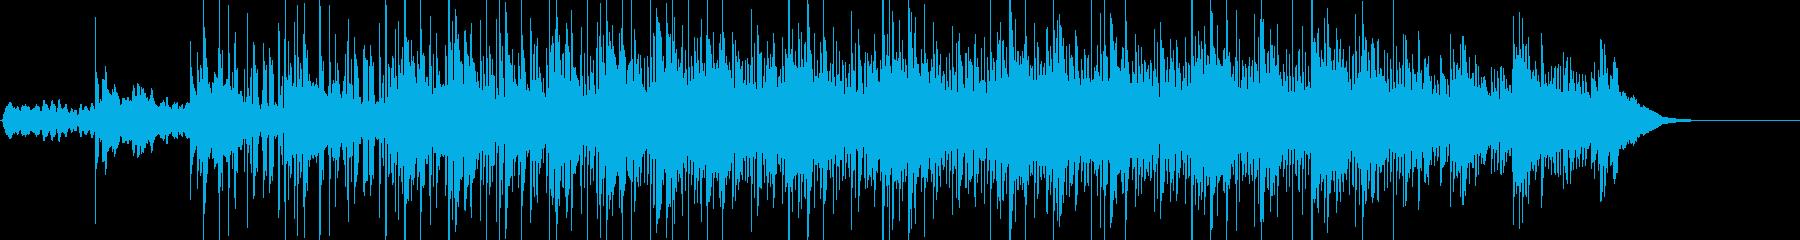 淡々として奇妙なサイエンス風BGMの再生済みの波形